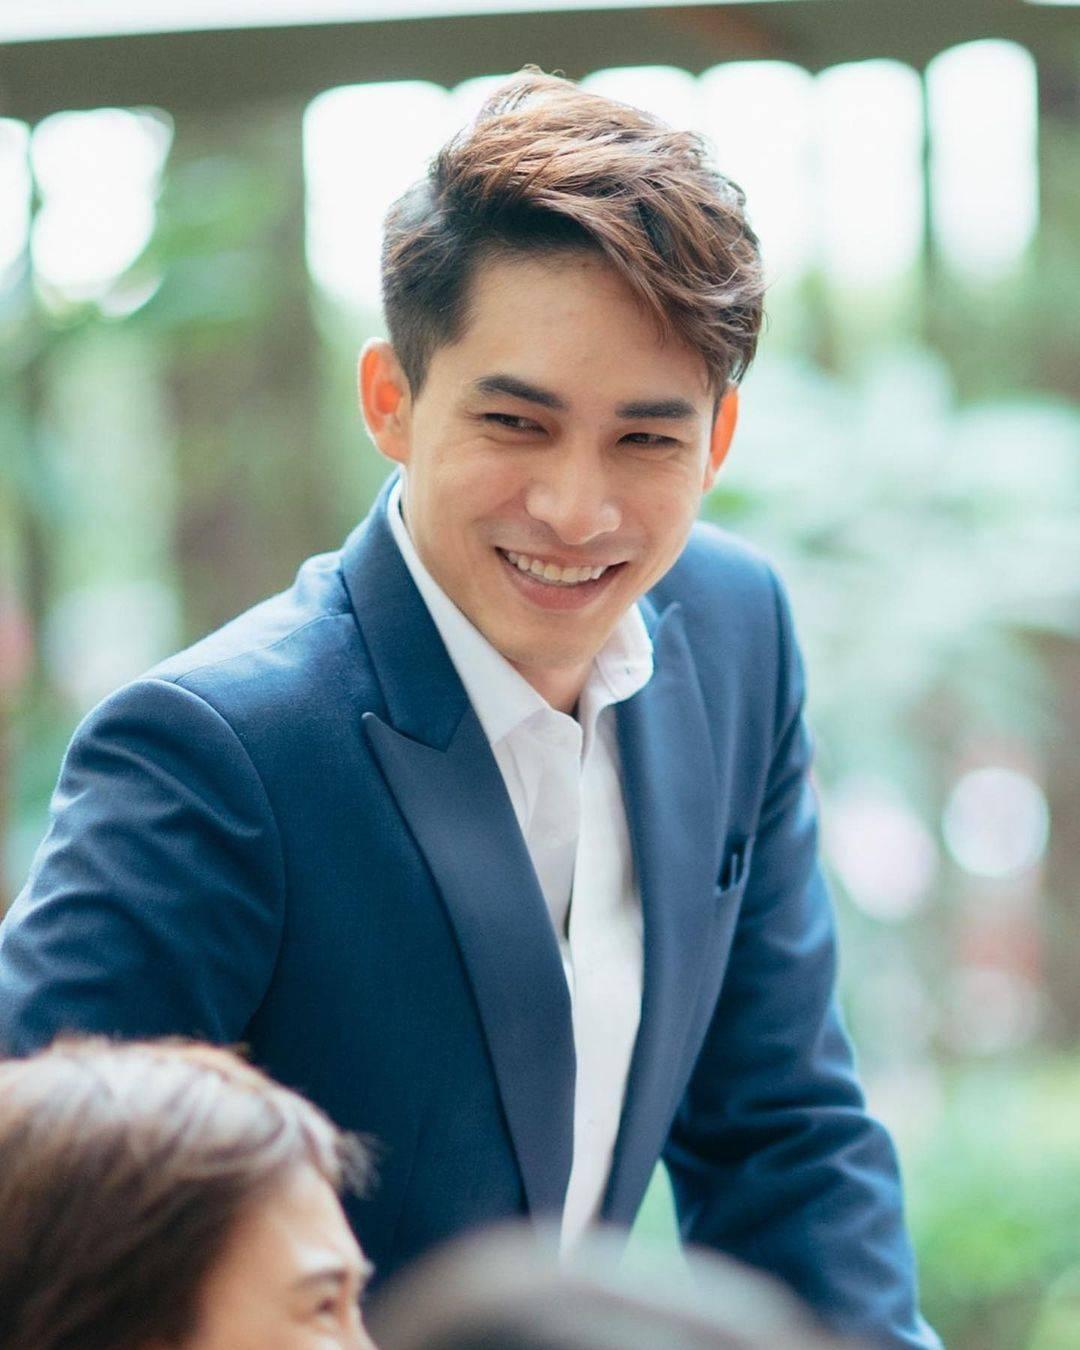 หมอก้อง สรวิชญ์ ขอบคุณภาพจากไอจี @kong_sarawit